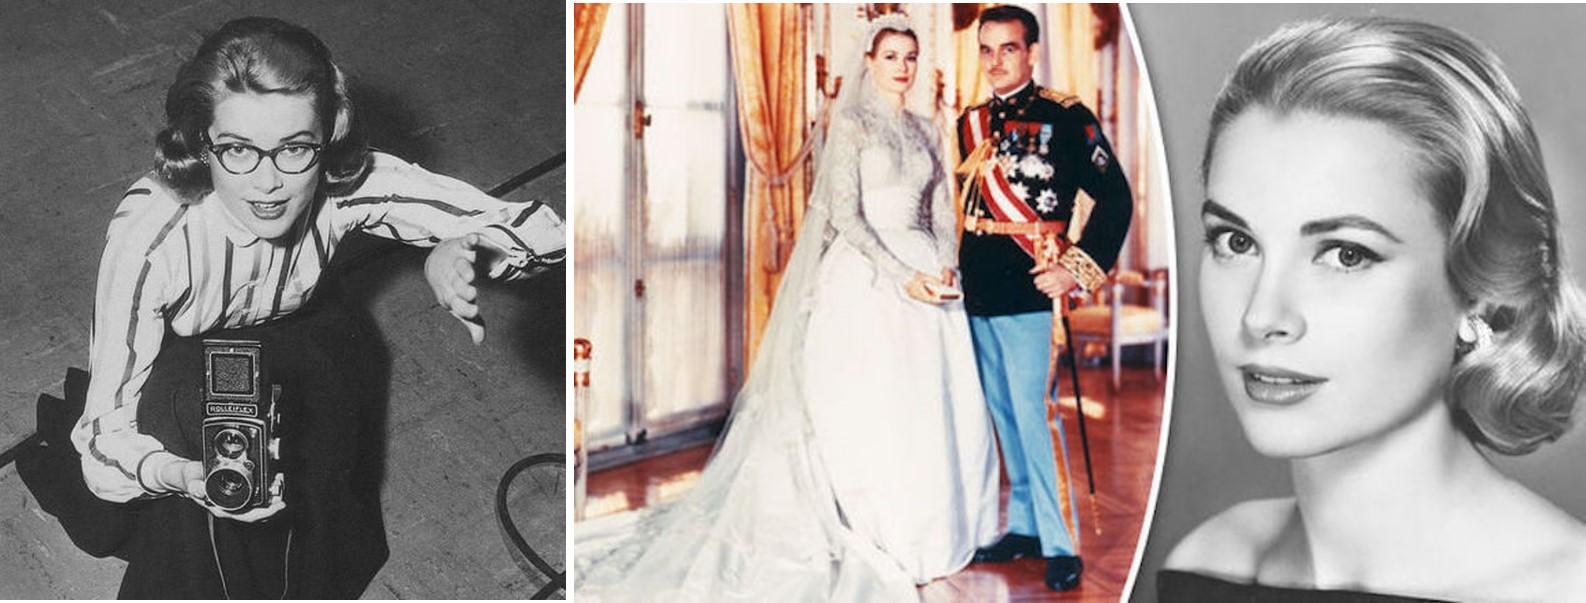 L to R: Model Grace Kelly snaps a photo. Princess Grace & Prince Ranier wedding portrait. Grace Kelly publicity still.